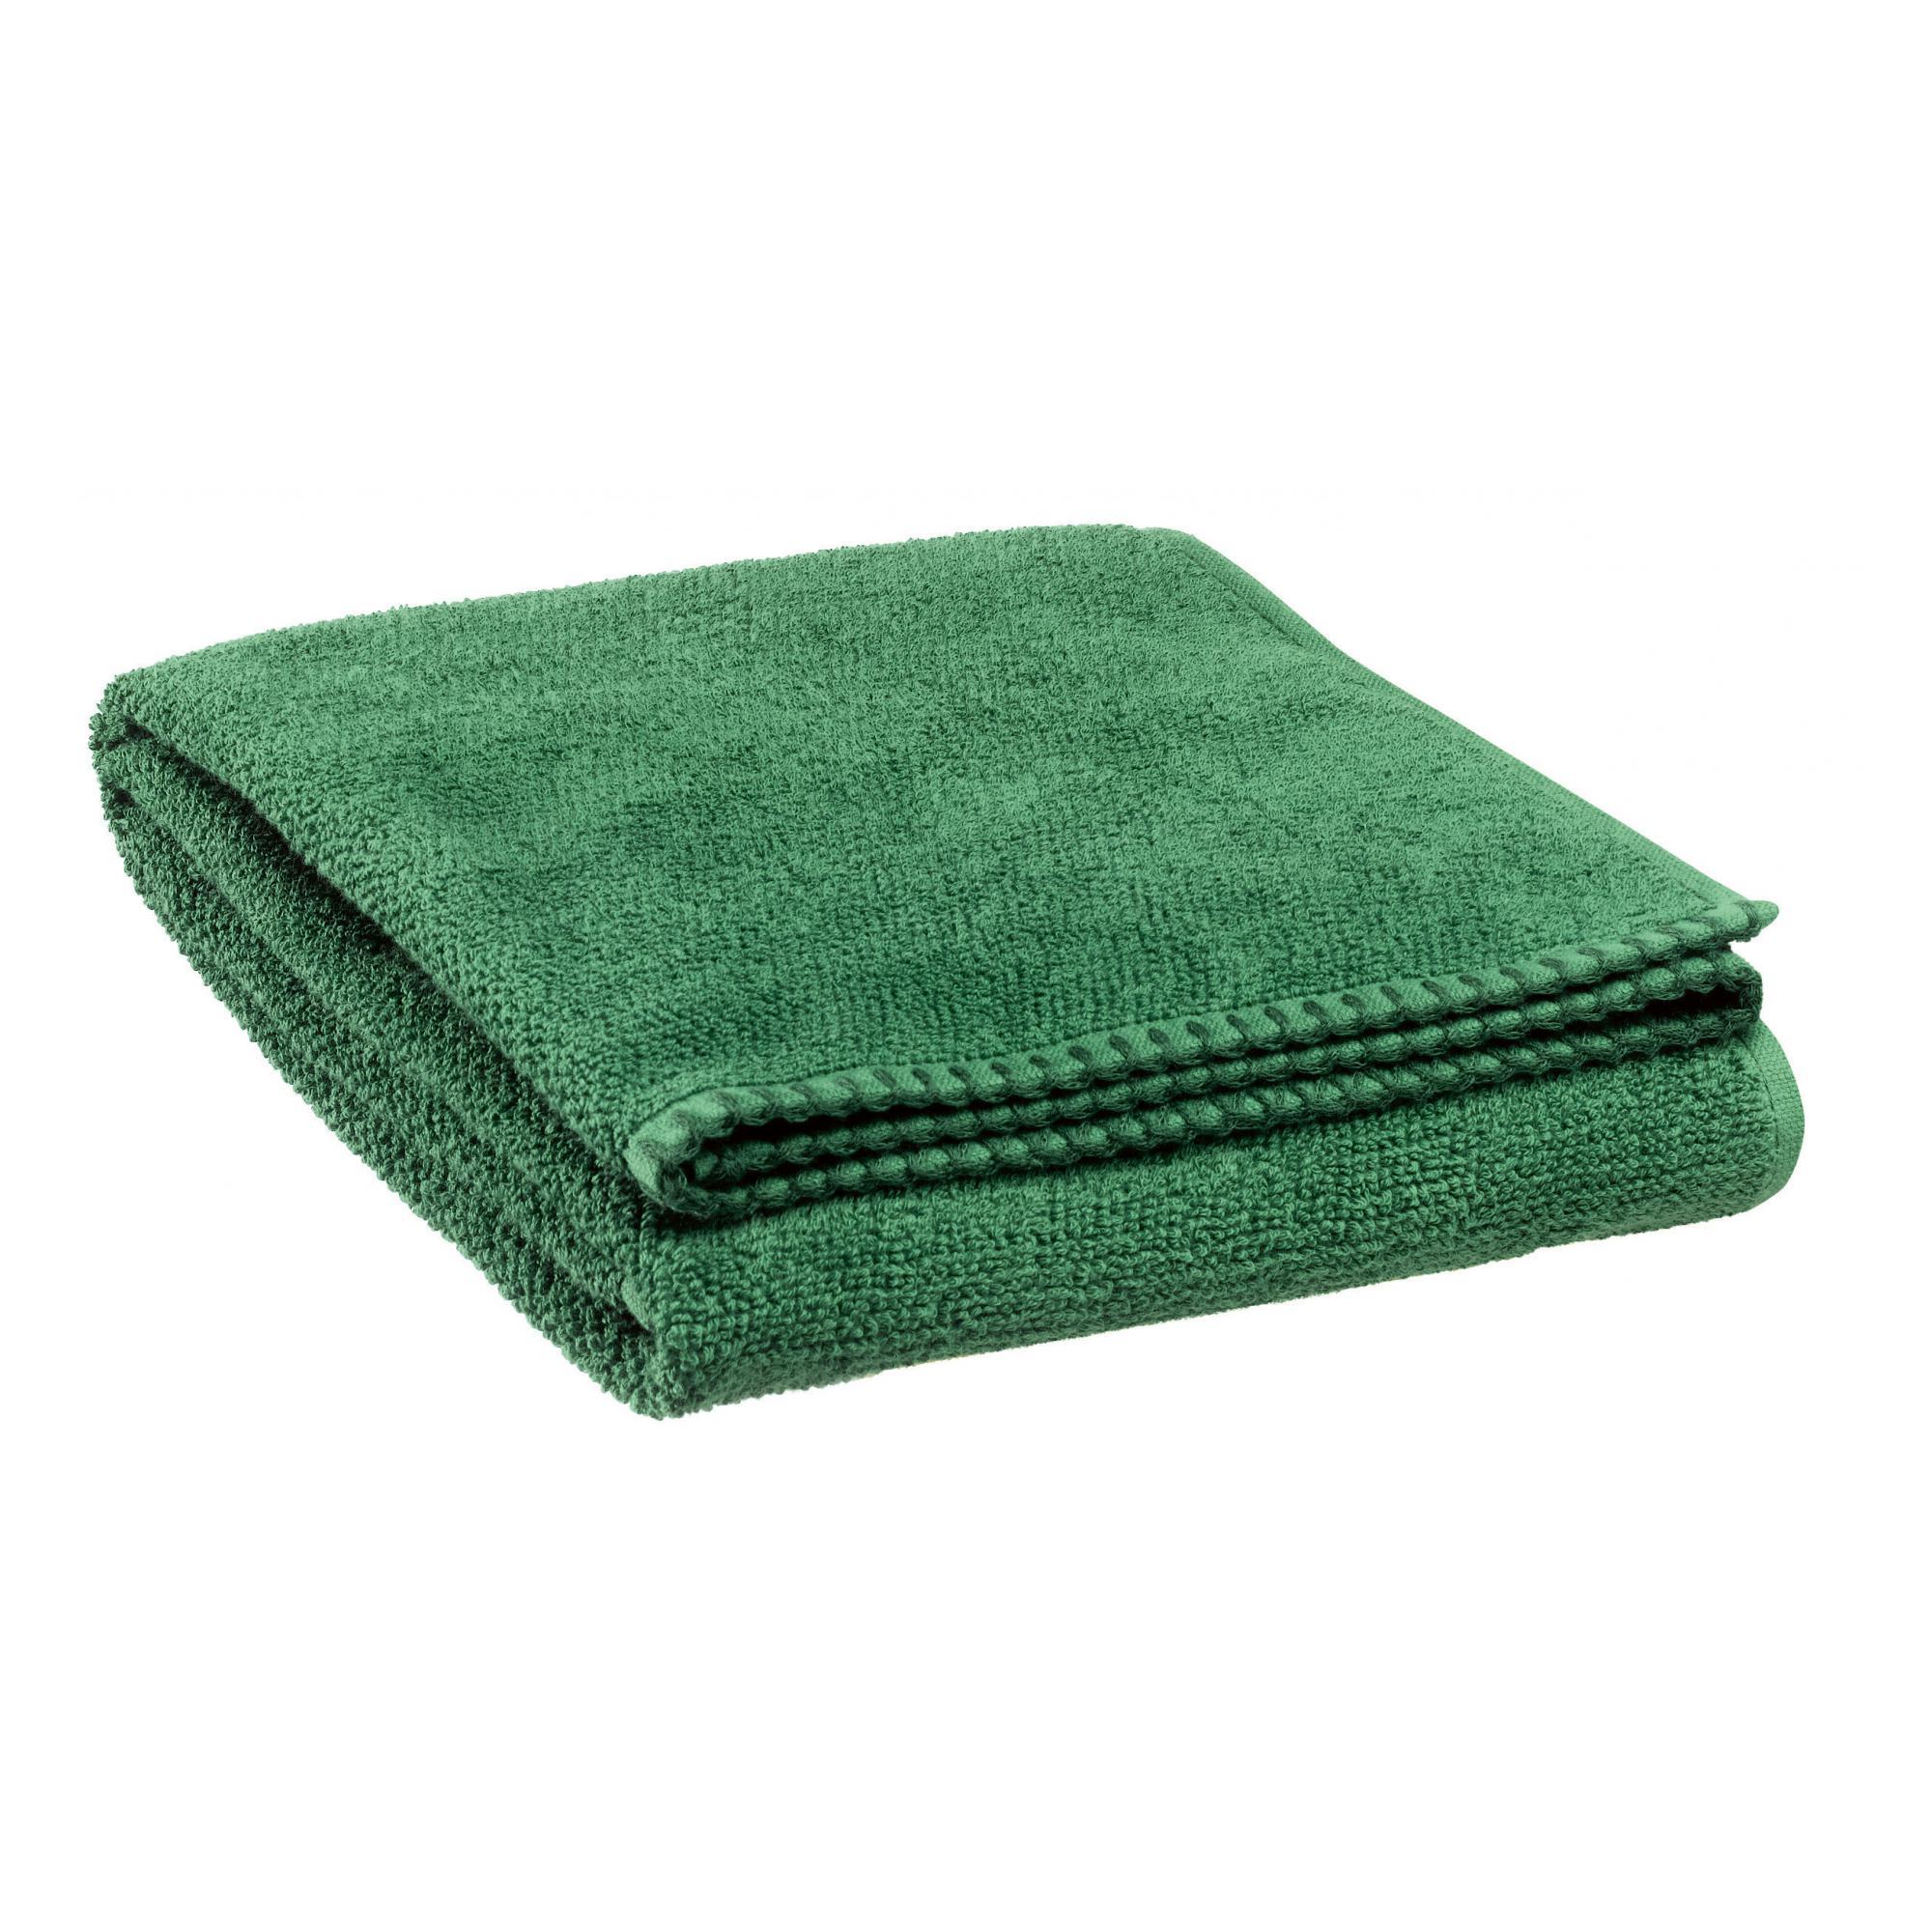 Drap de douche en coton epicea 70 x 130